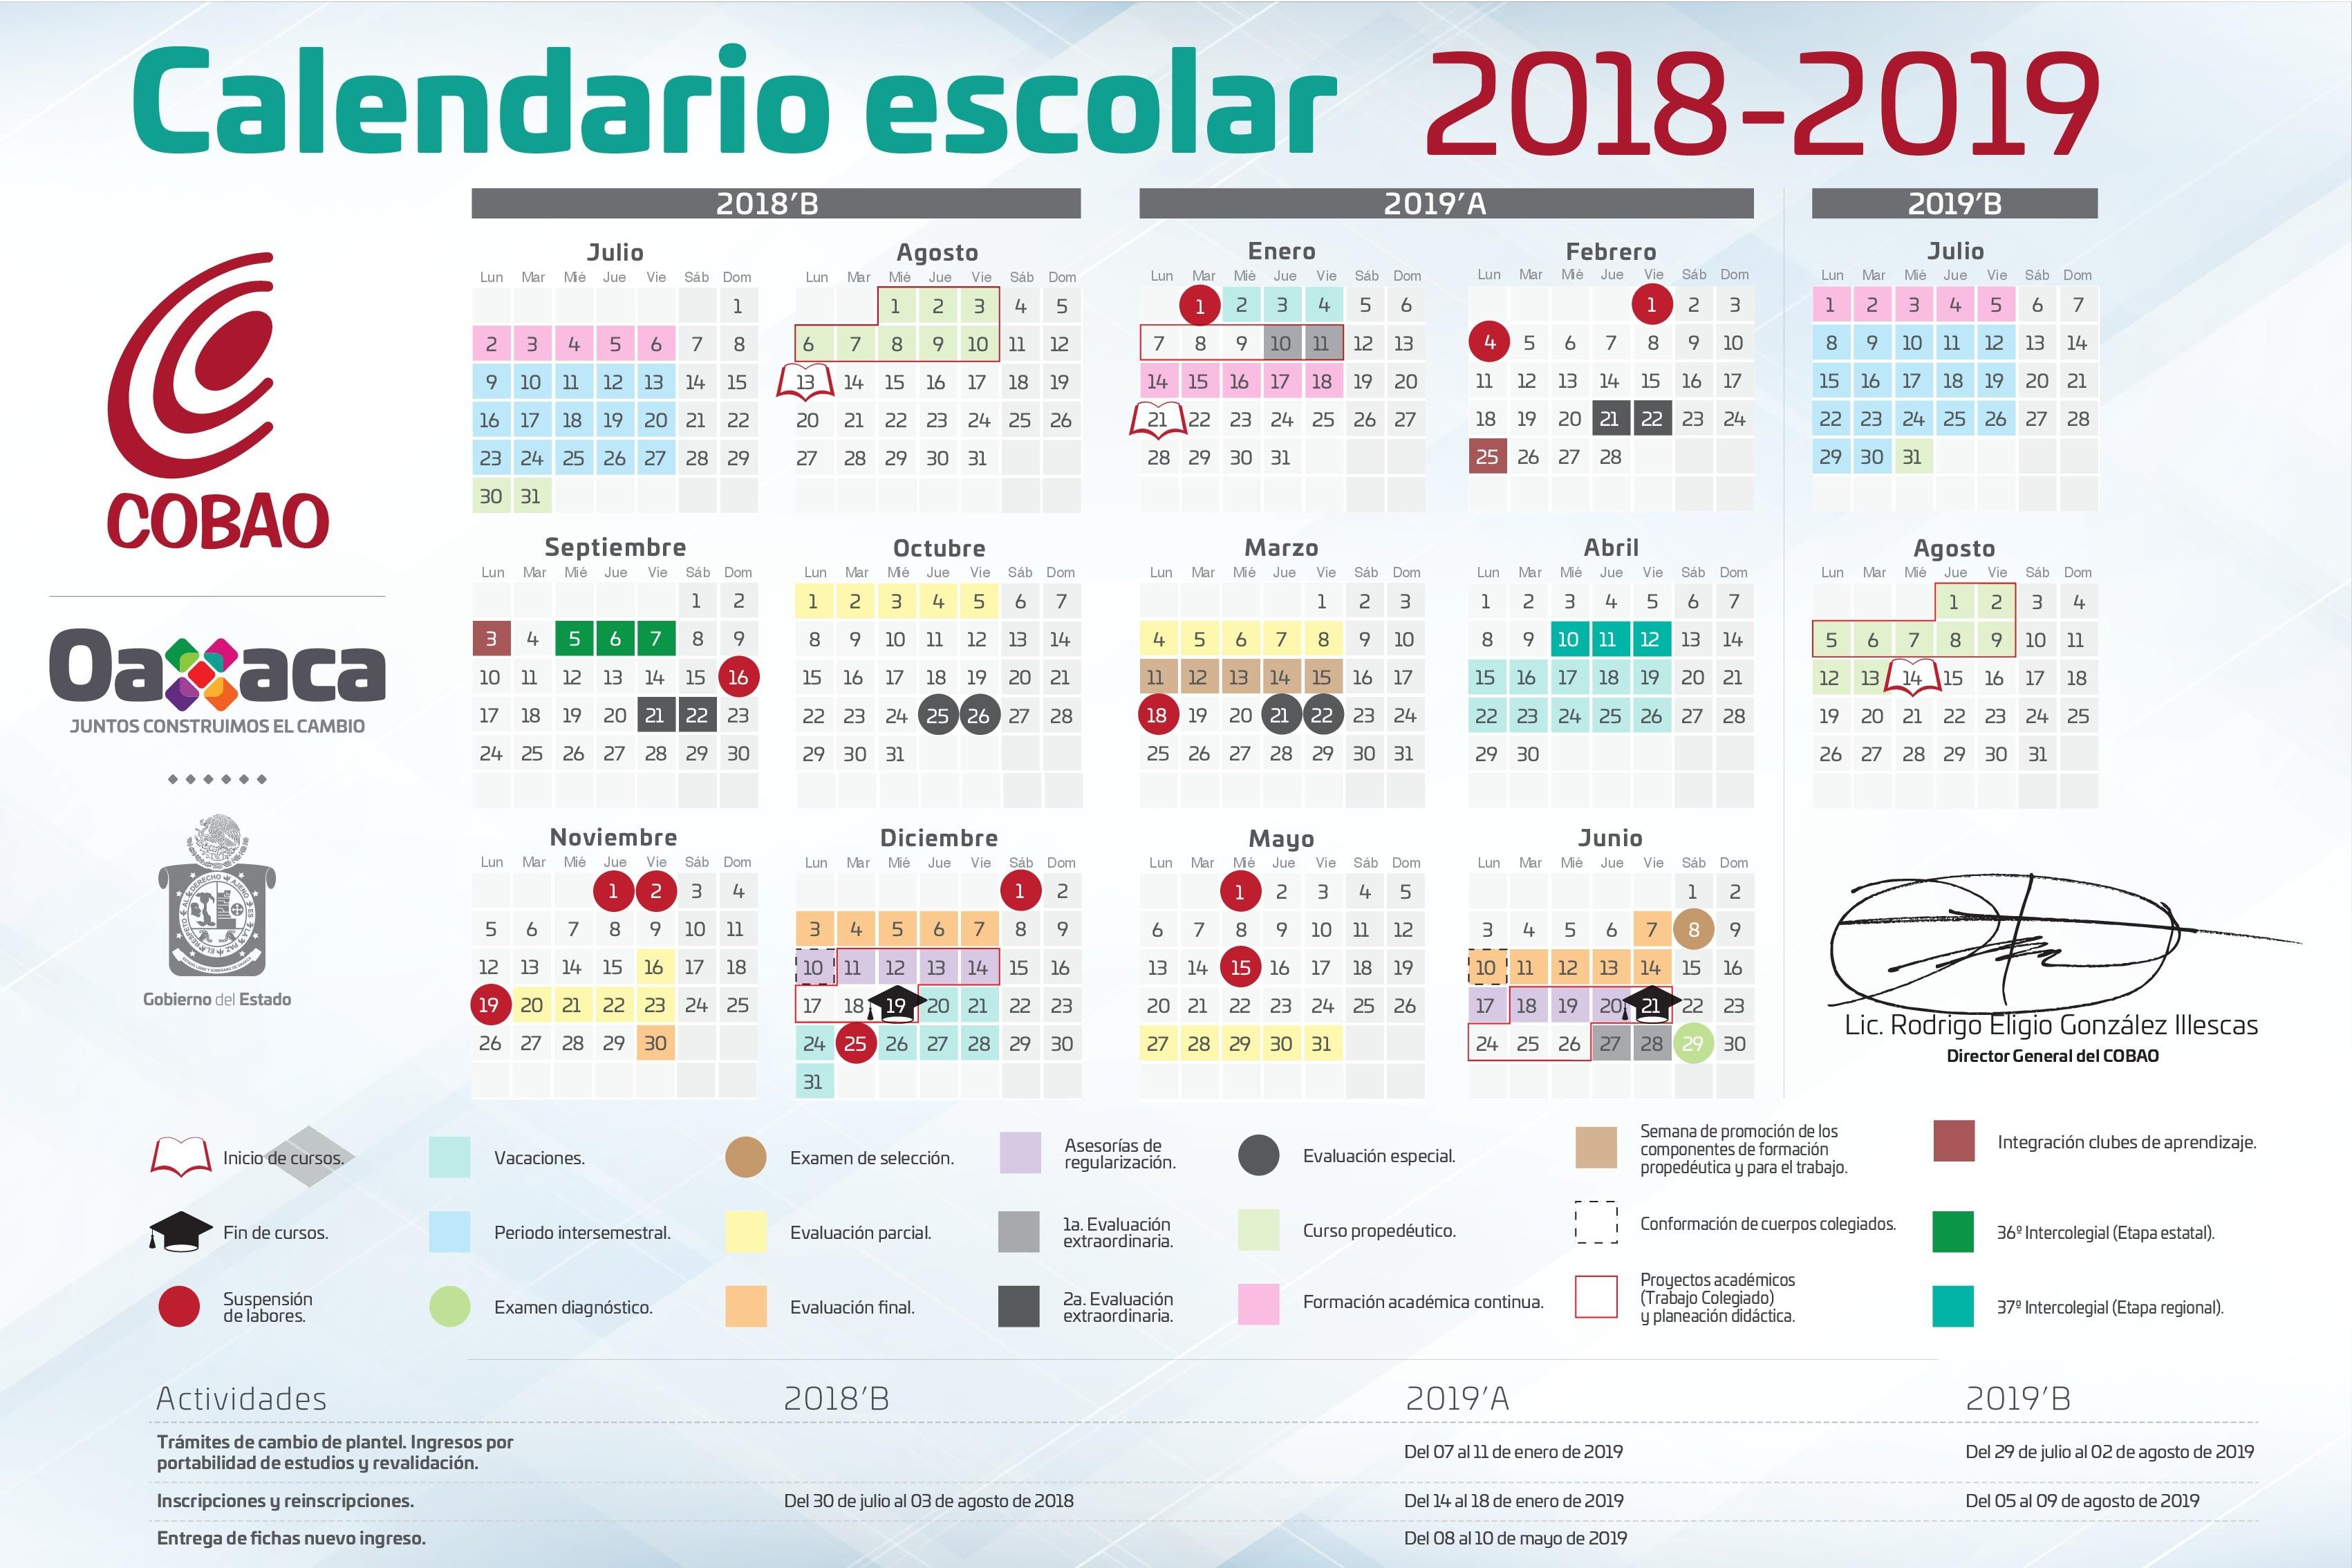 Calendario 2019 Para Llenar E Imprimir Más Recientes Cobao Of Calendario 2019 Para Llenar E Imprimir Más Caliente Anuncios Calendario Escolar 2019 Gijon